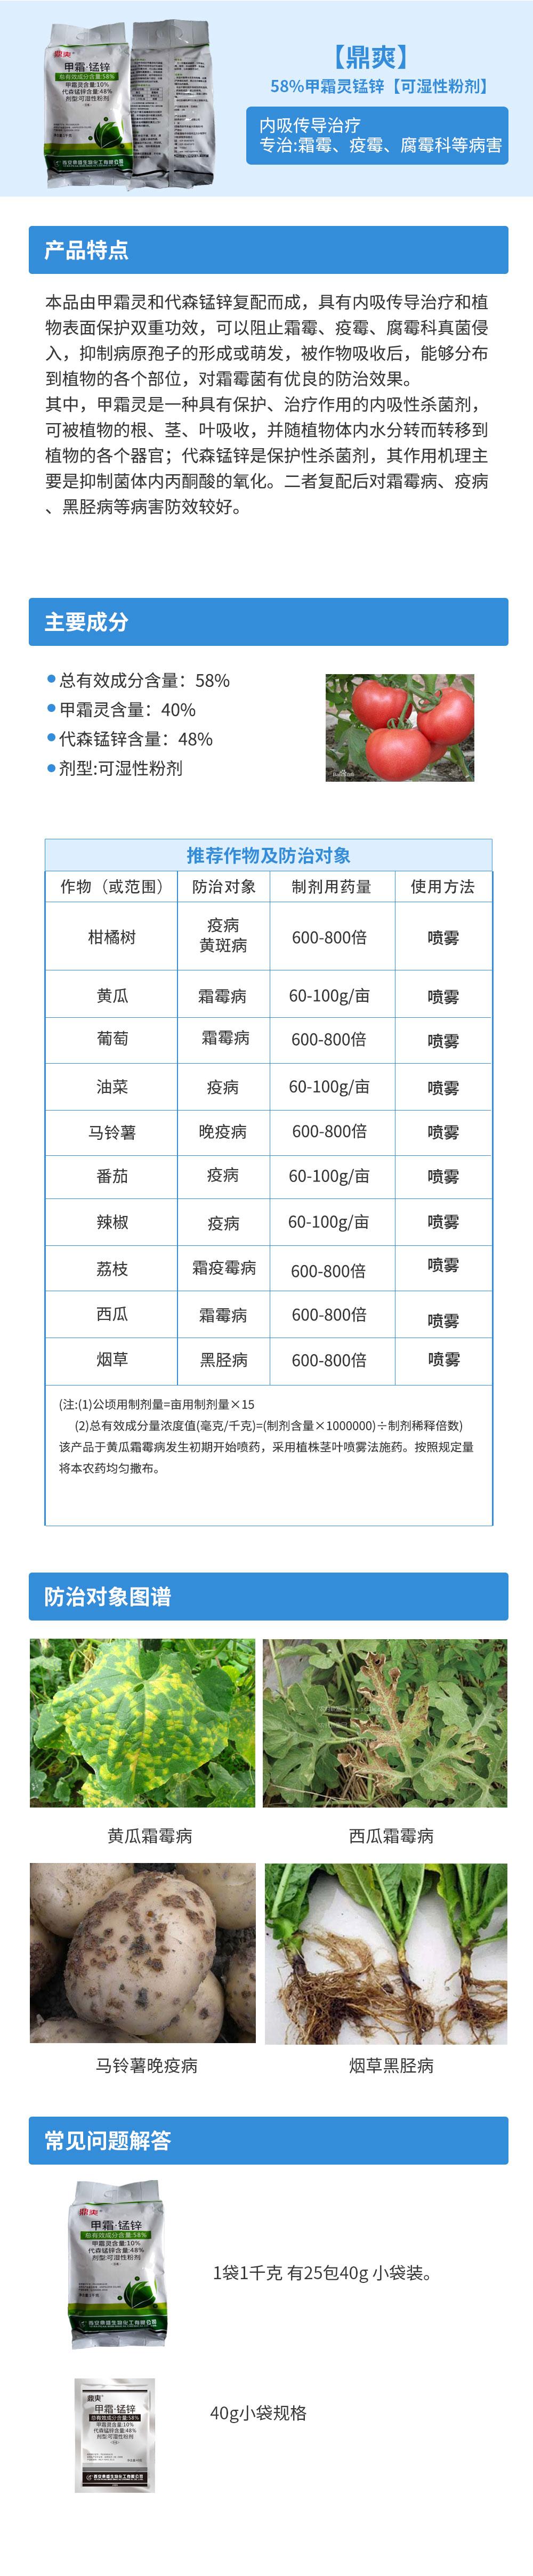 鼎爽-甲霜-锰锌商详-1千克.jpg